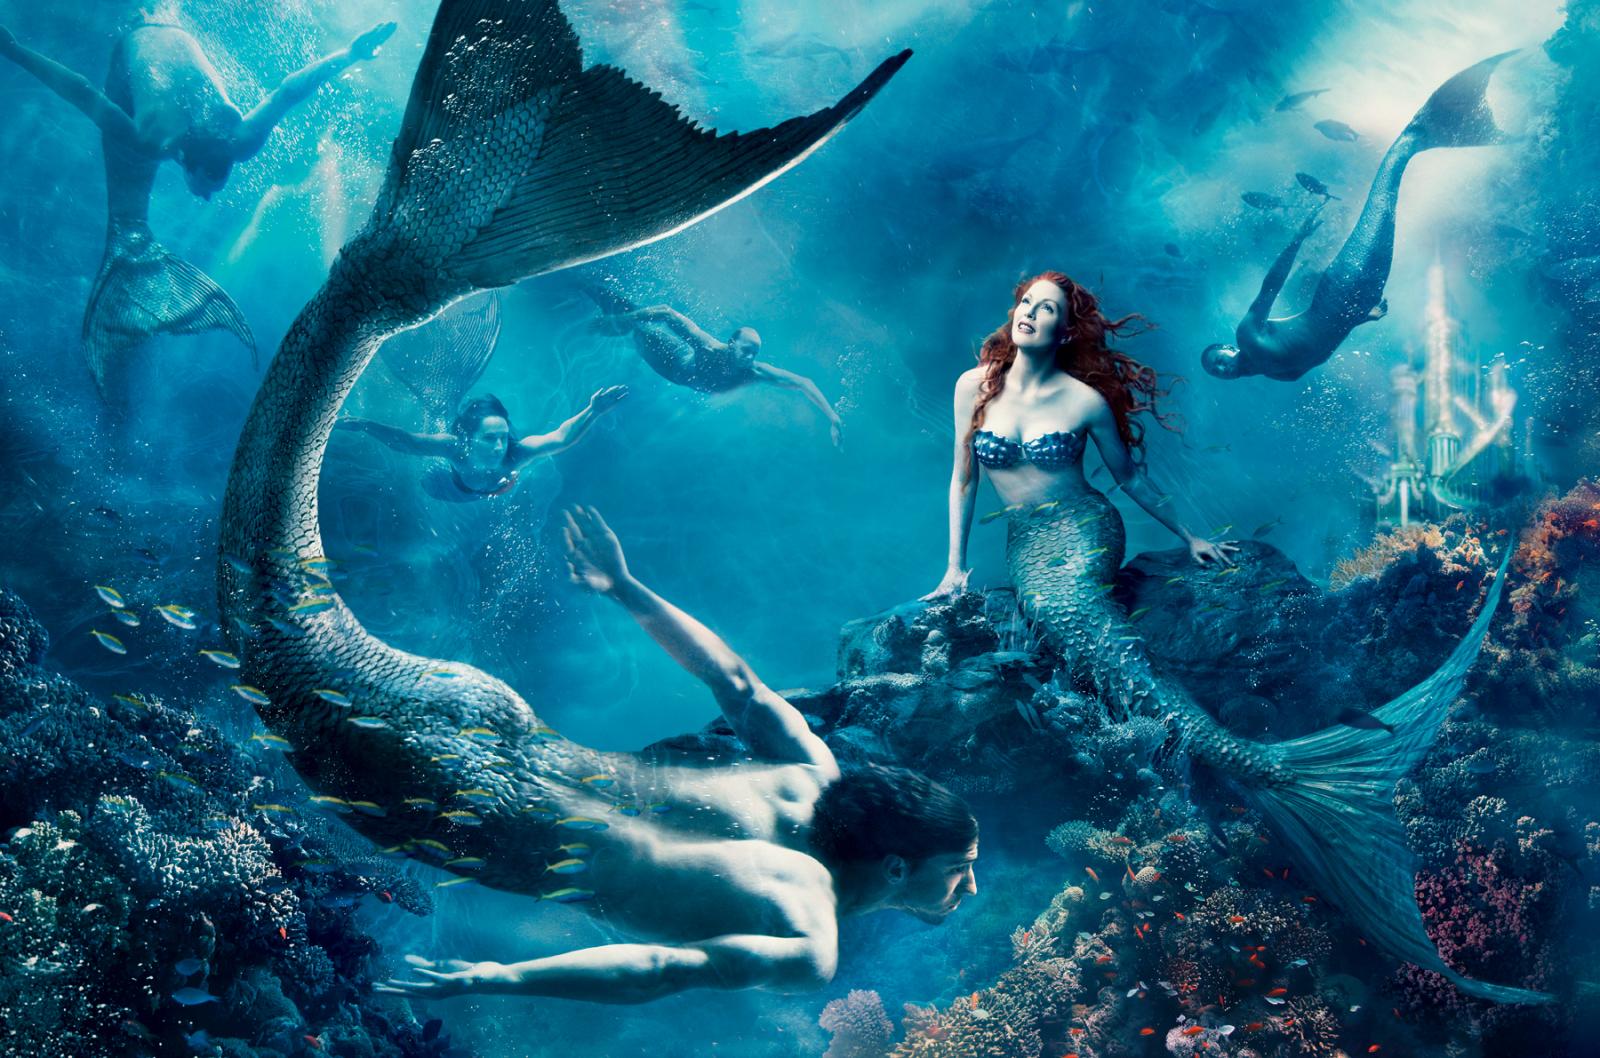 Mi Investigacion sobre las sirenas del mar